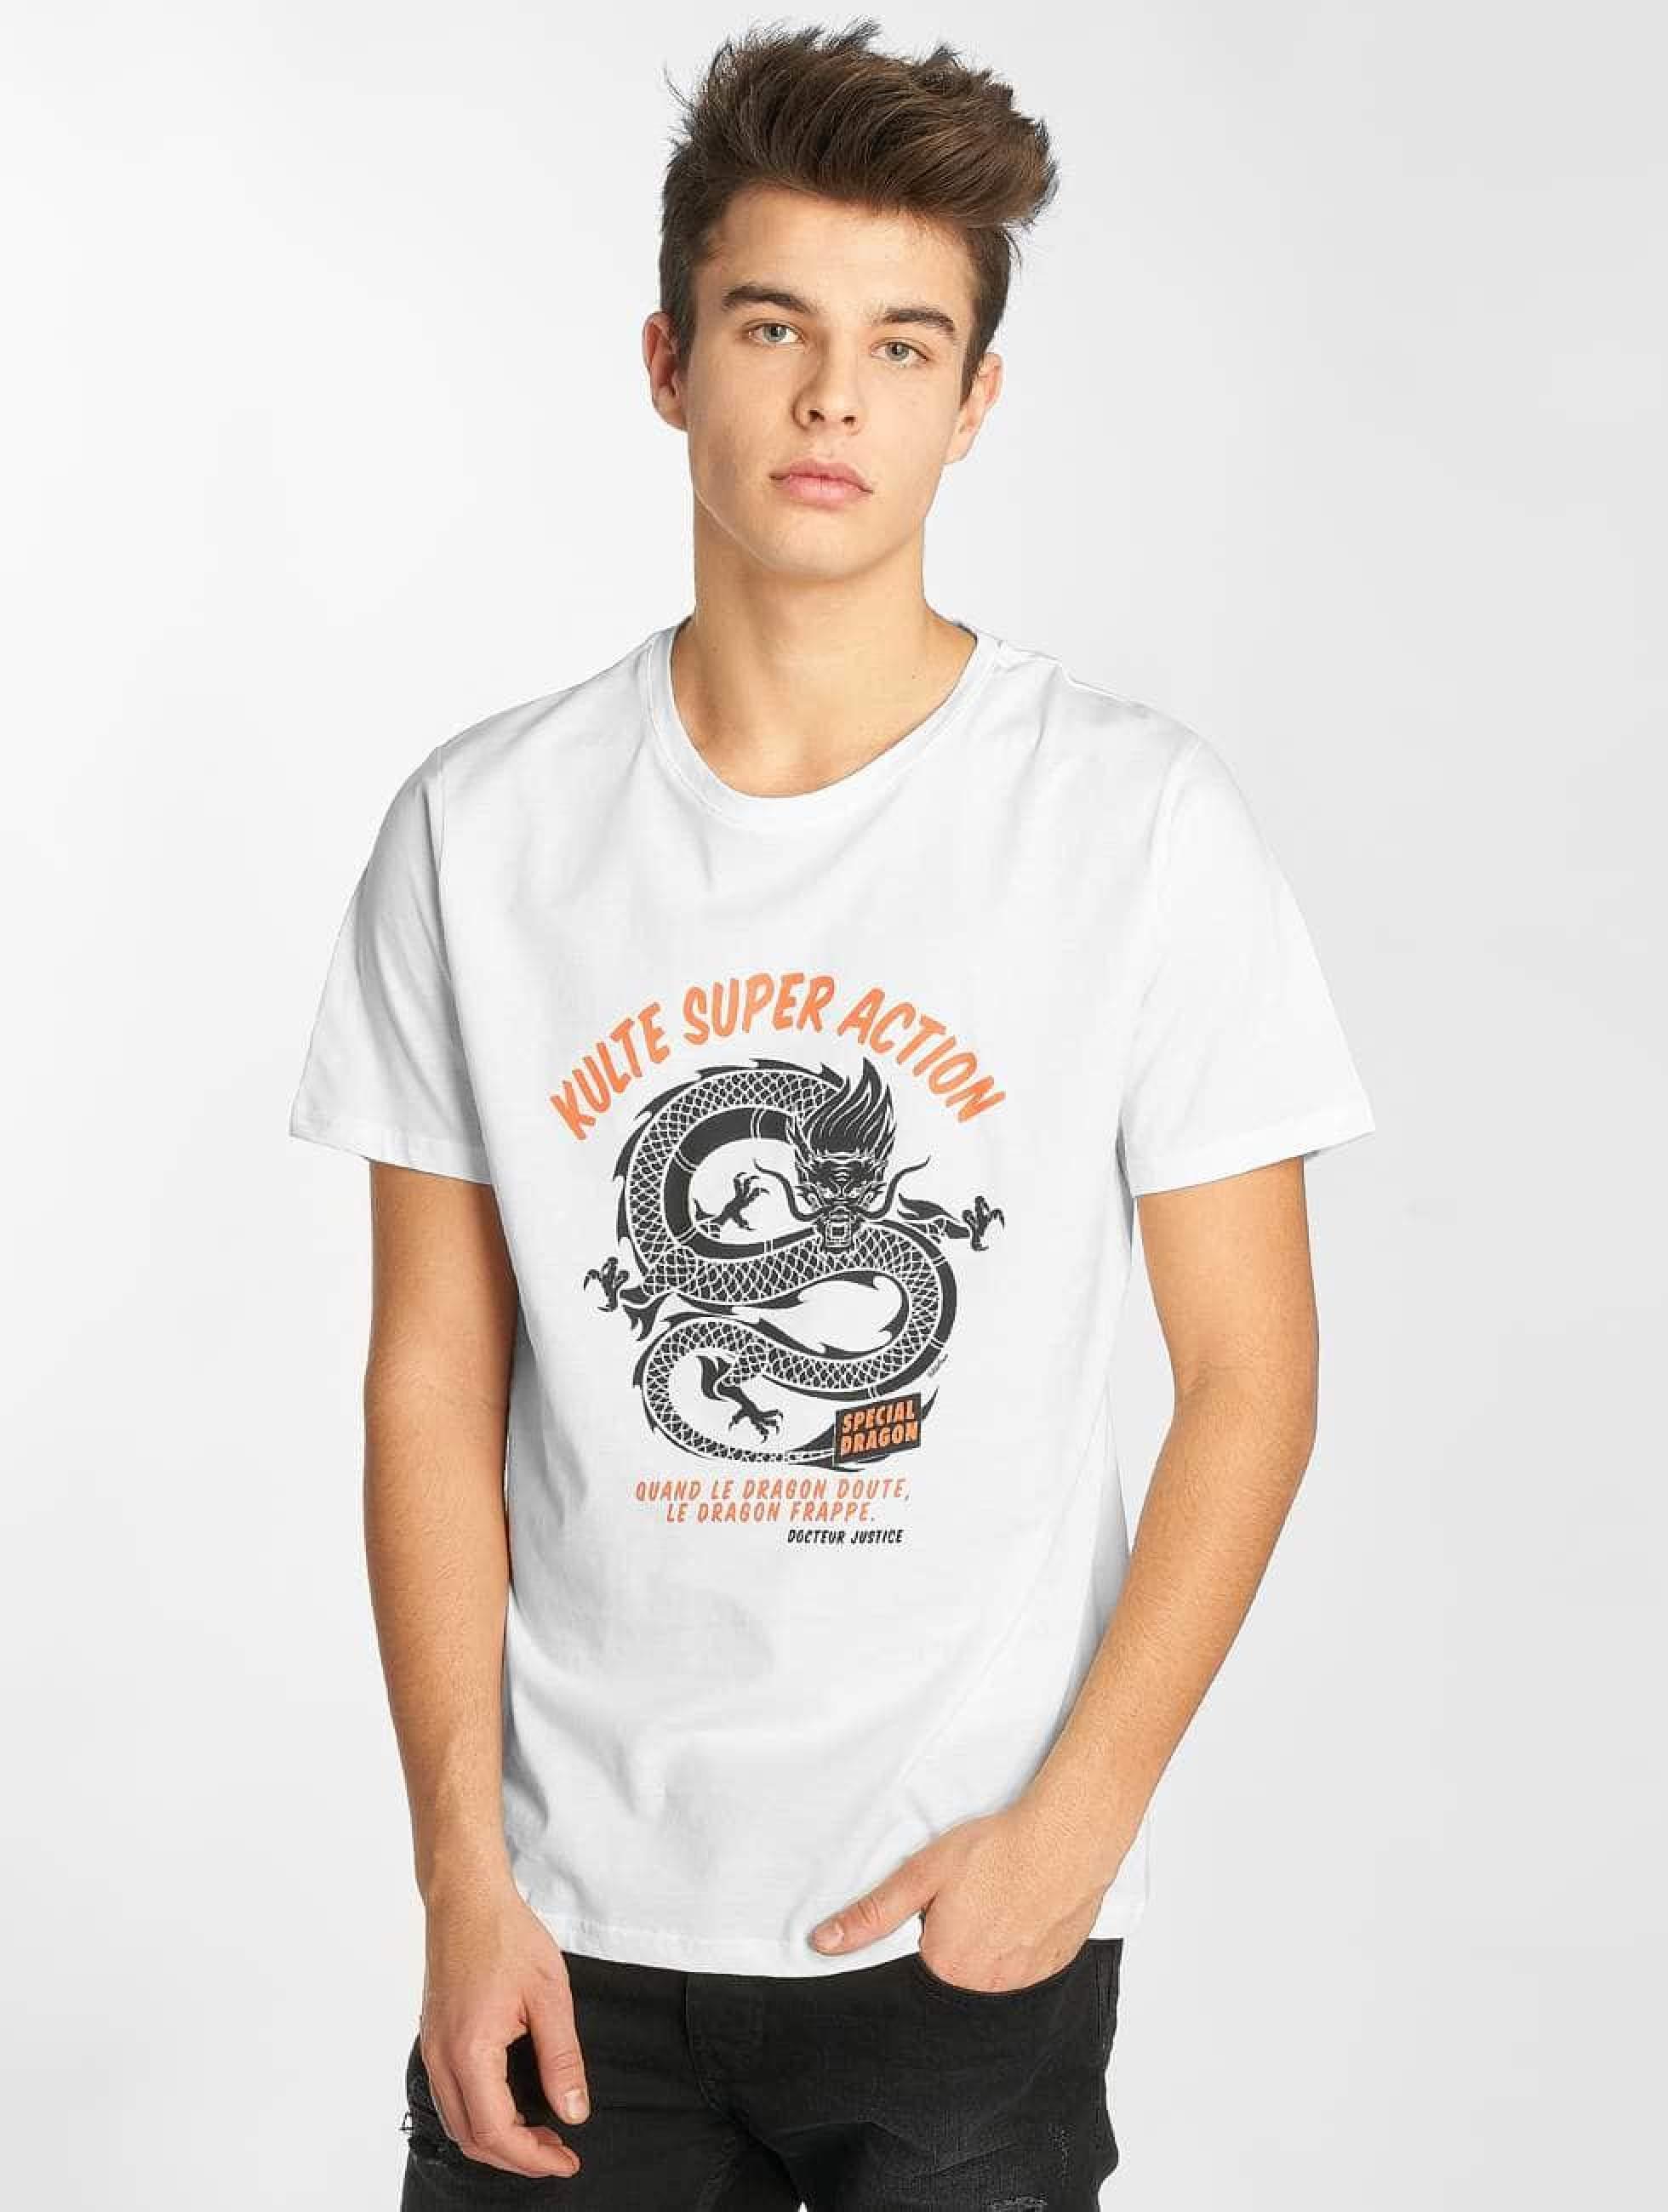 Kulte   Docteur Justice  blanc Homme T-Shirt